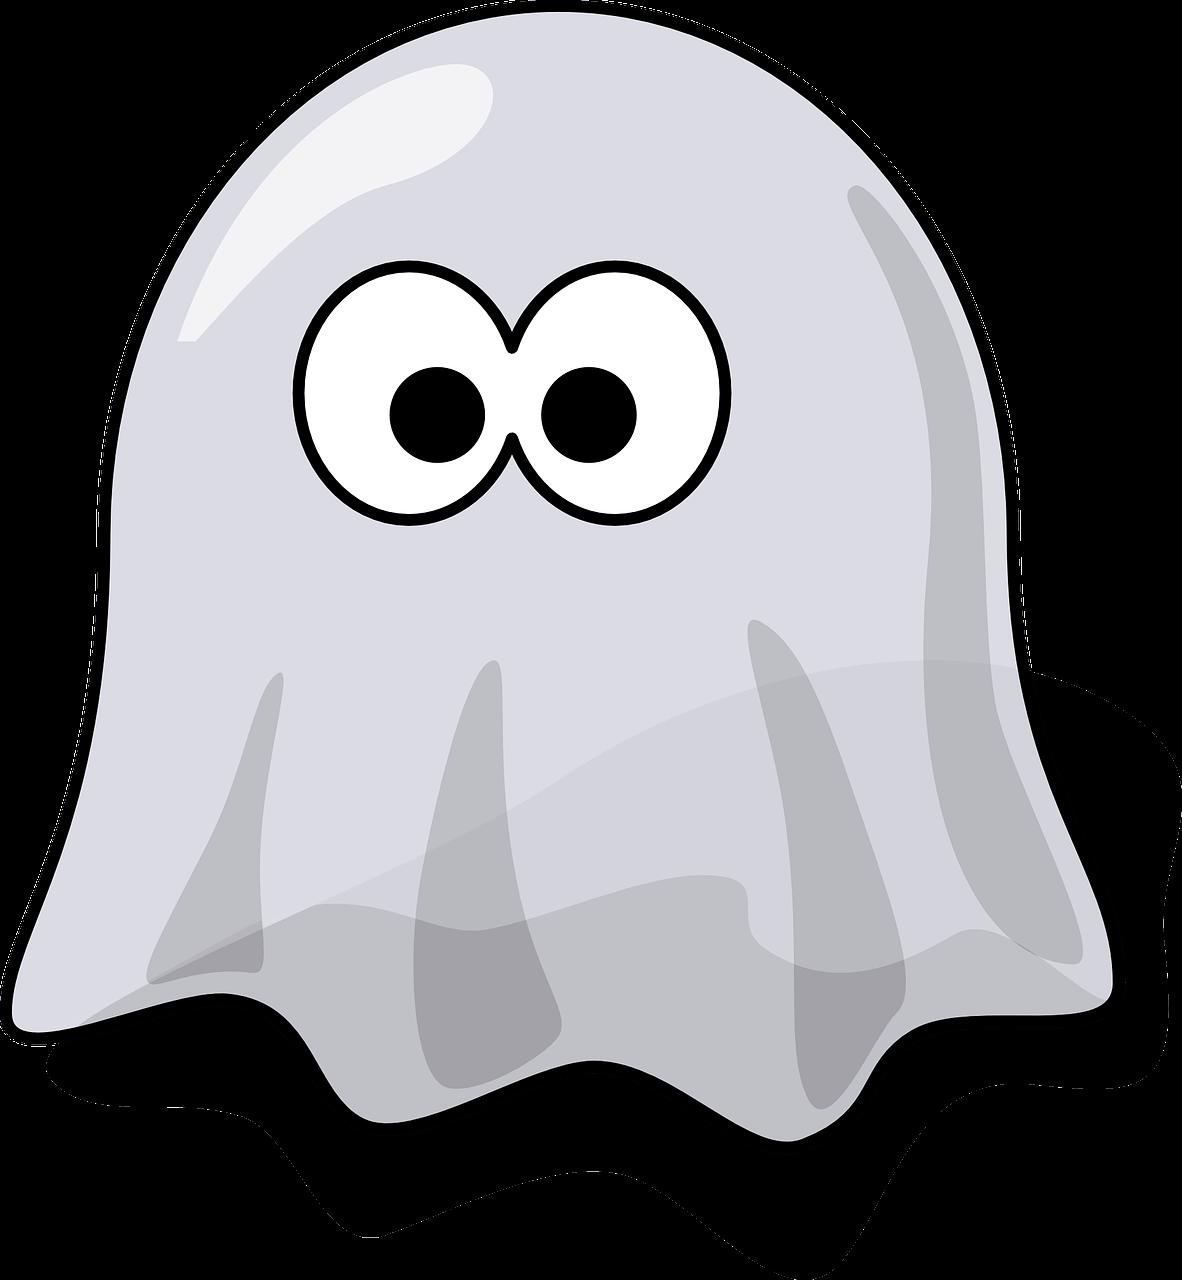 人生は幽体離脱?生きてる感じがしない、実感がないのは病気?「離人症」